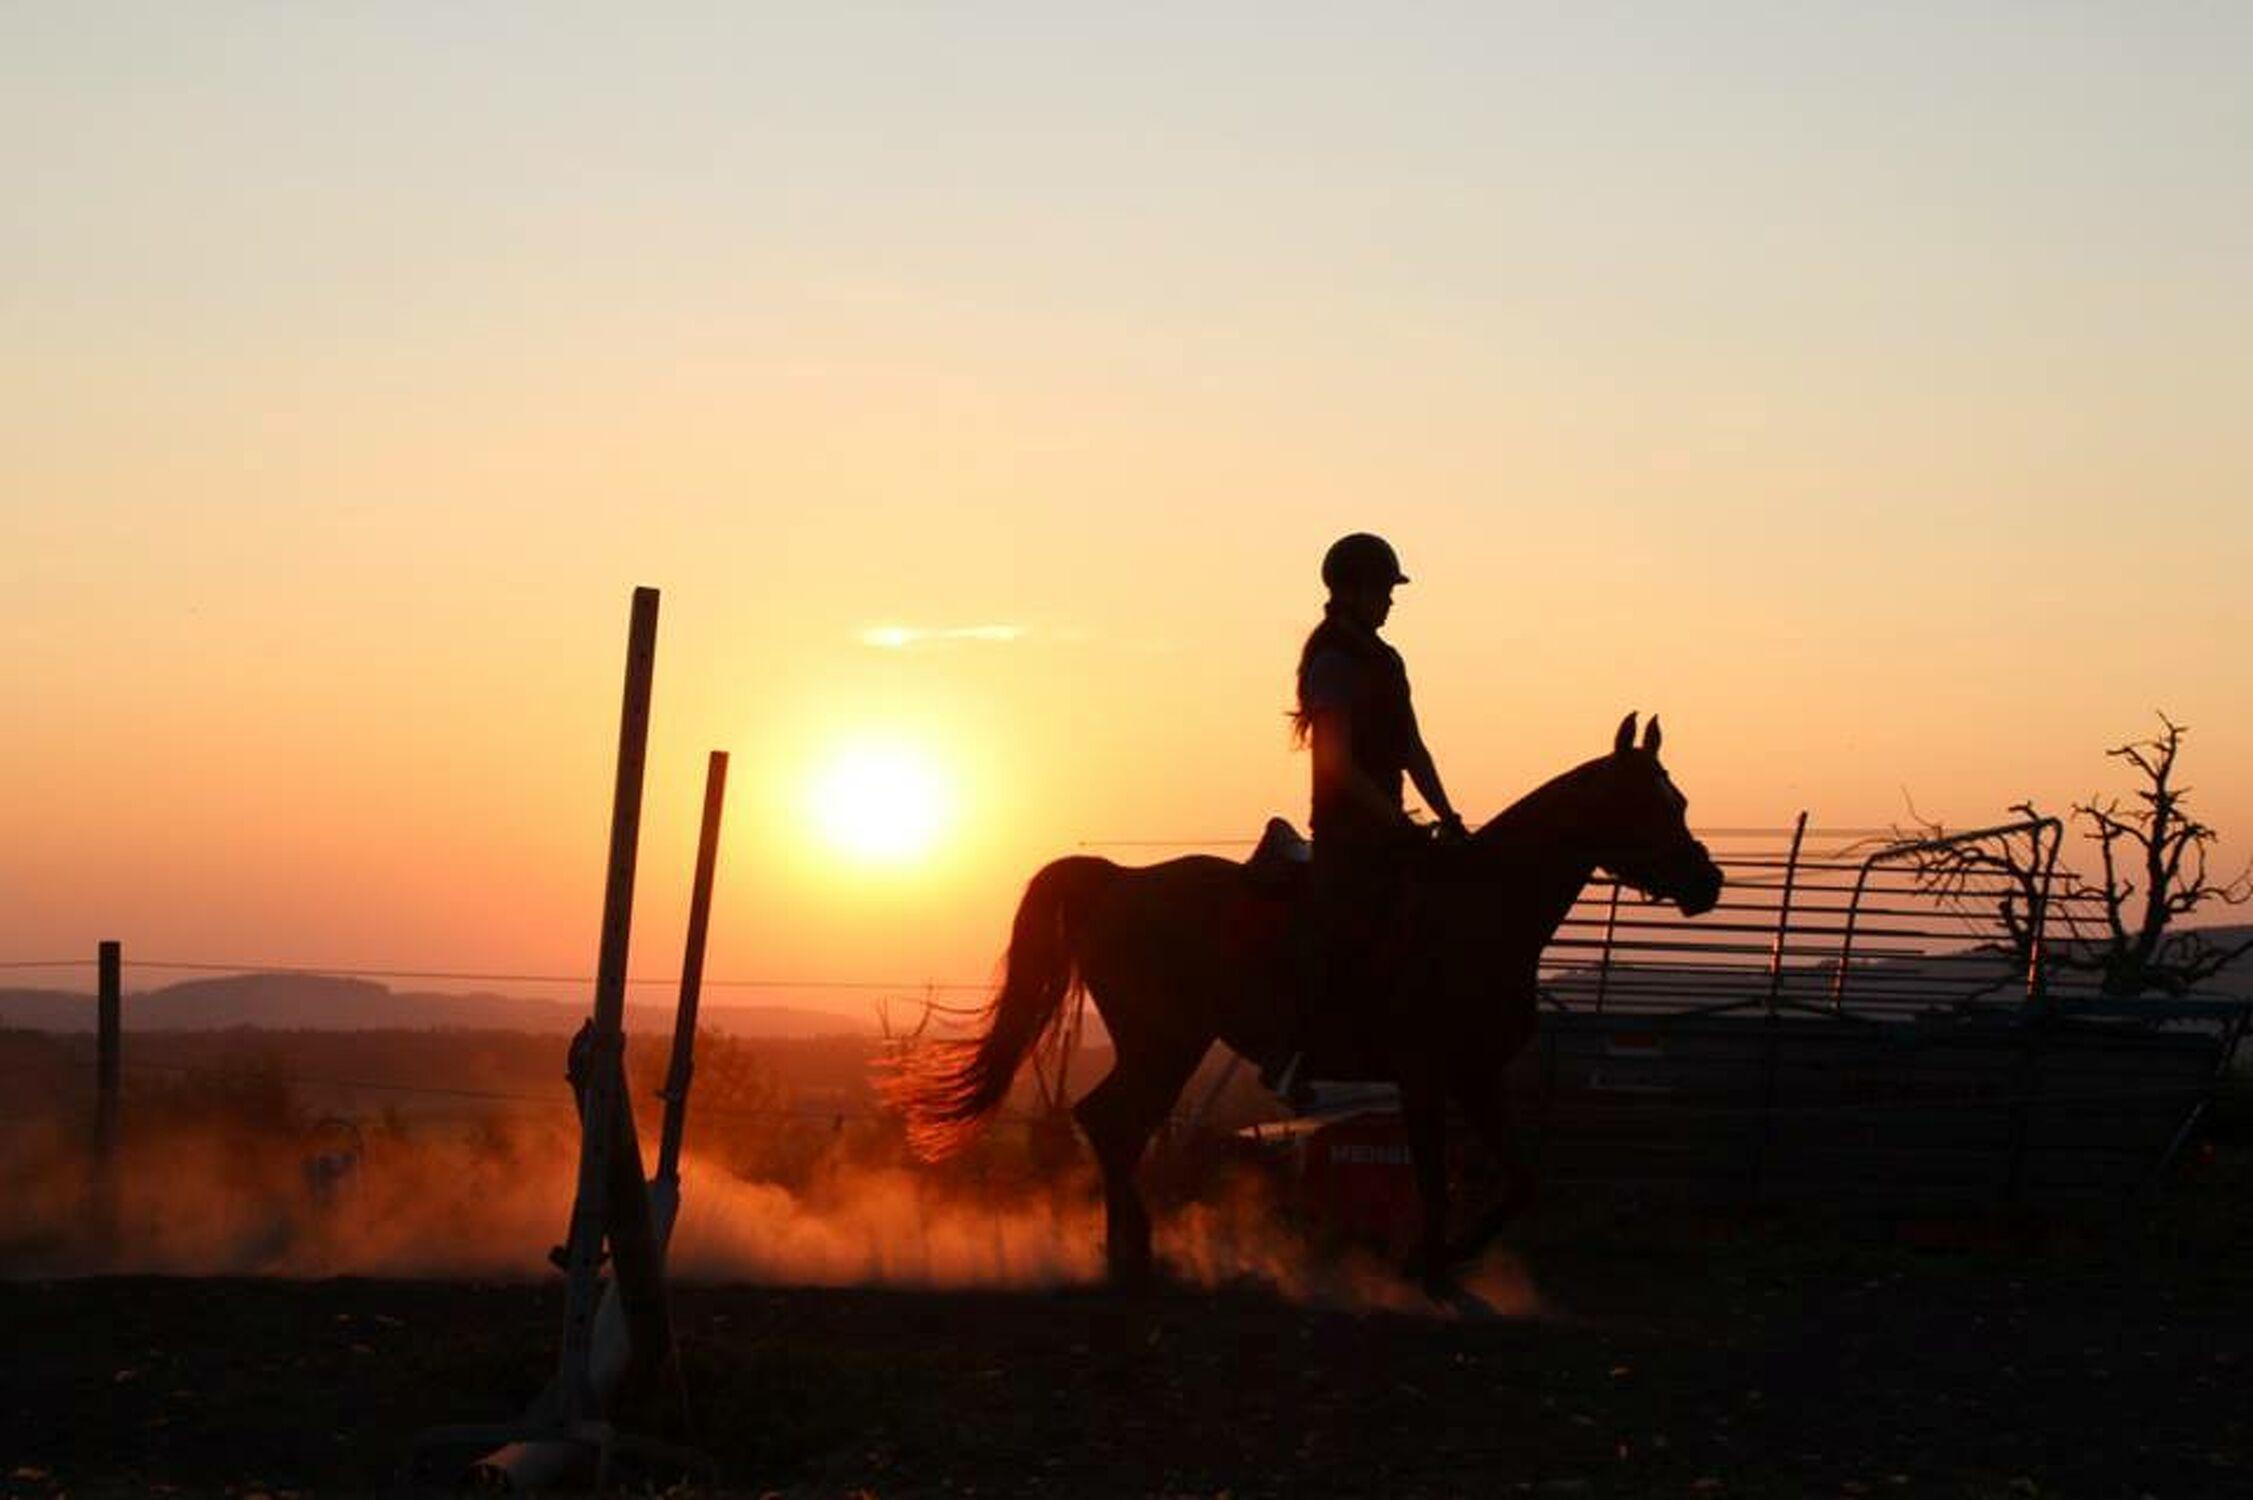 Bild mit Himmel, Sonnenaufgang, Sonne, Landschaft, Pferd, Sonnenuntergänge, Sonnenauf/untergang, Reiterin, Freiheit, & Untergänge, und Untergänge